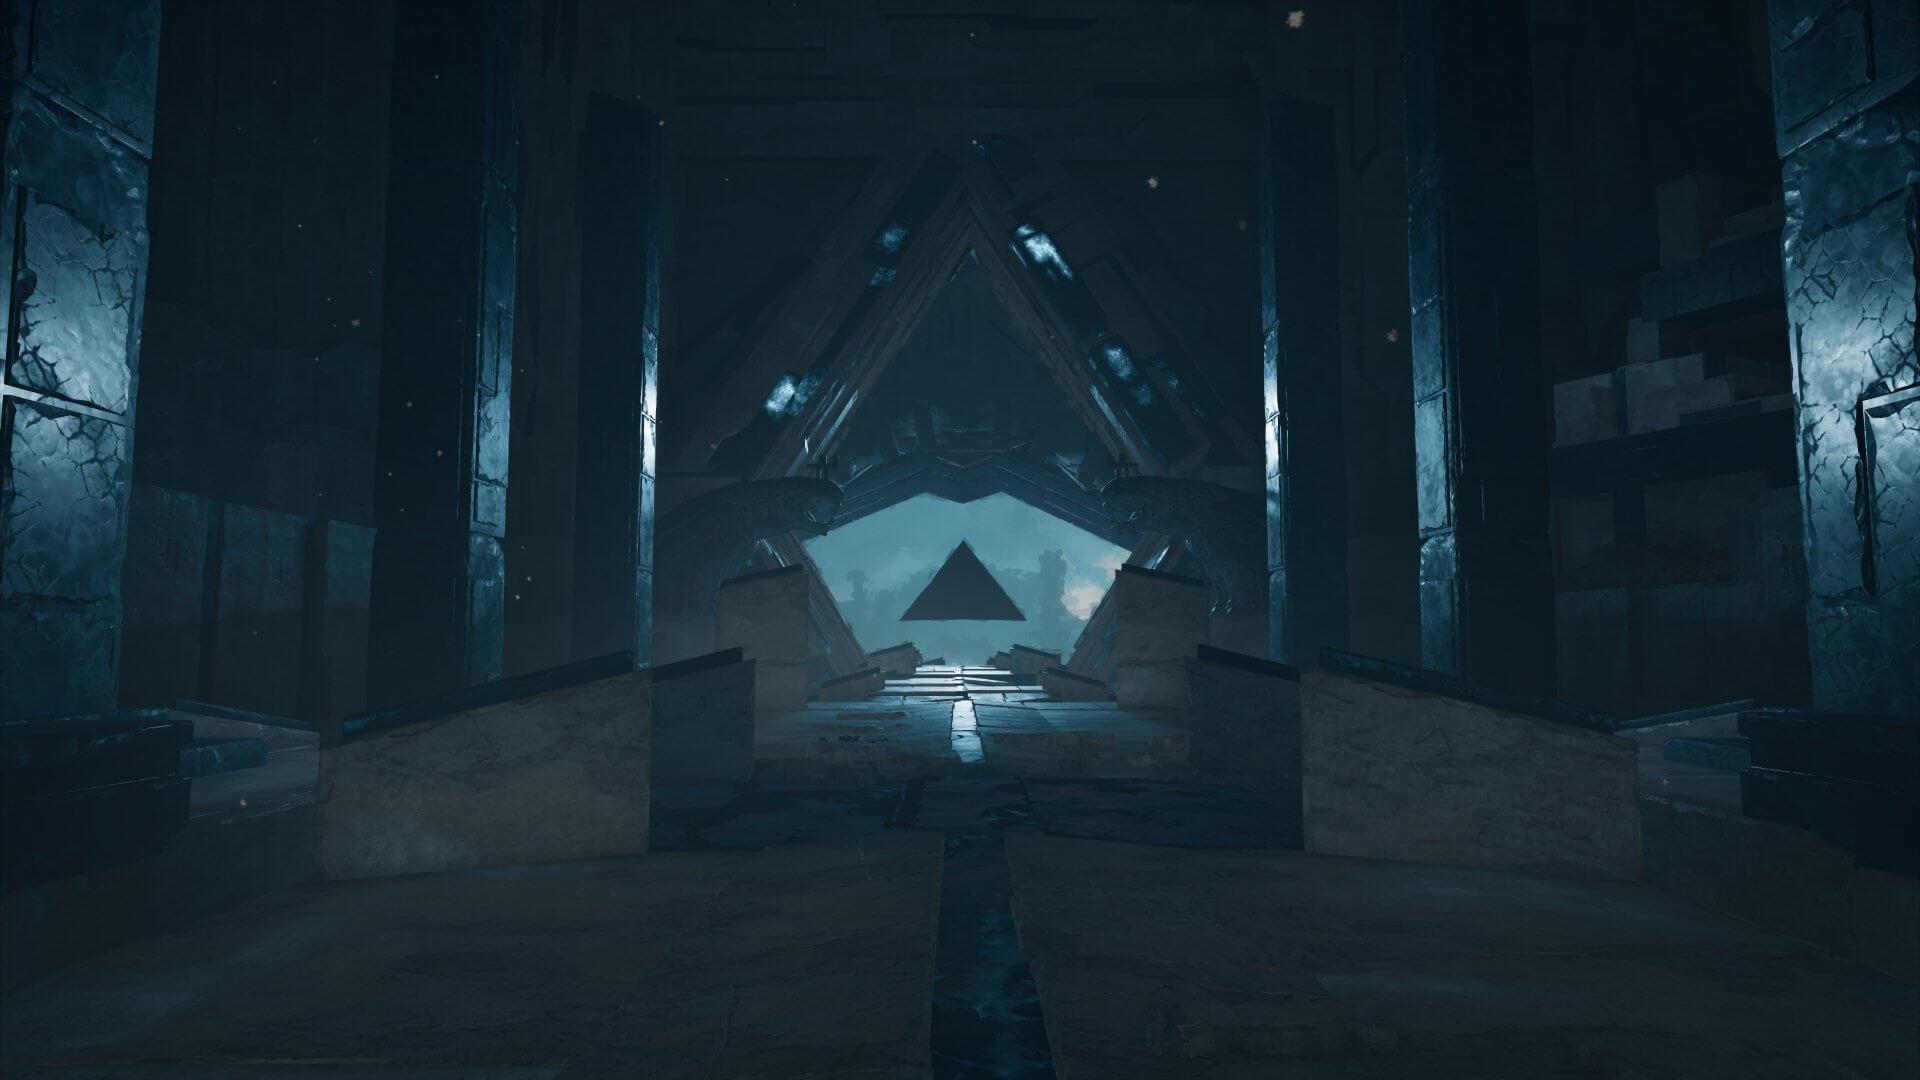 Assassins Creed® Odyssey 24 - Assassin's Creed Odyssey: confira o guia de dicas e truques do game